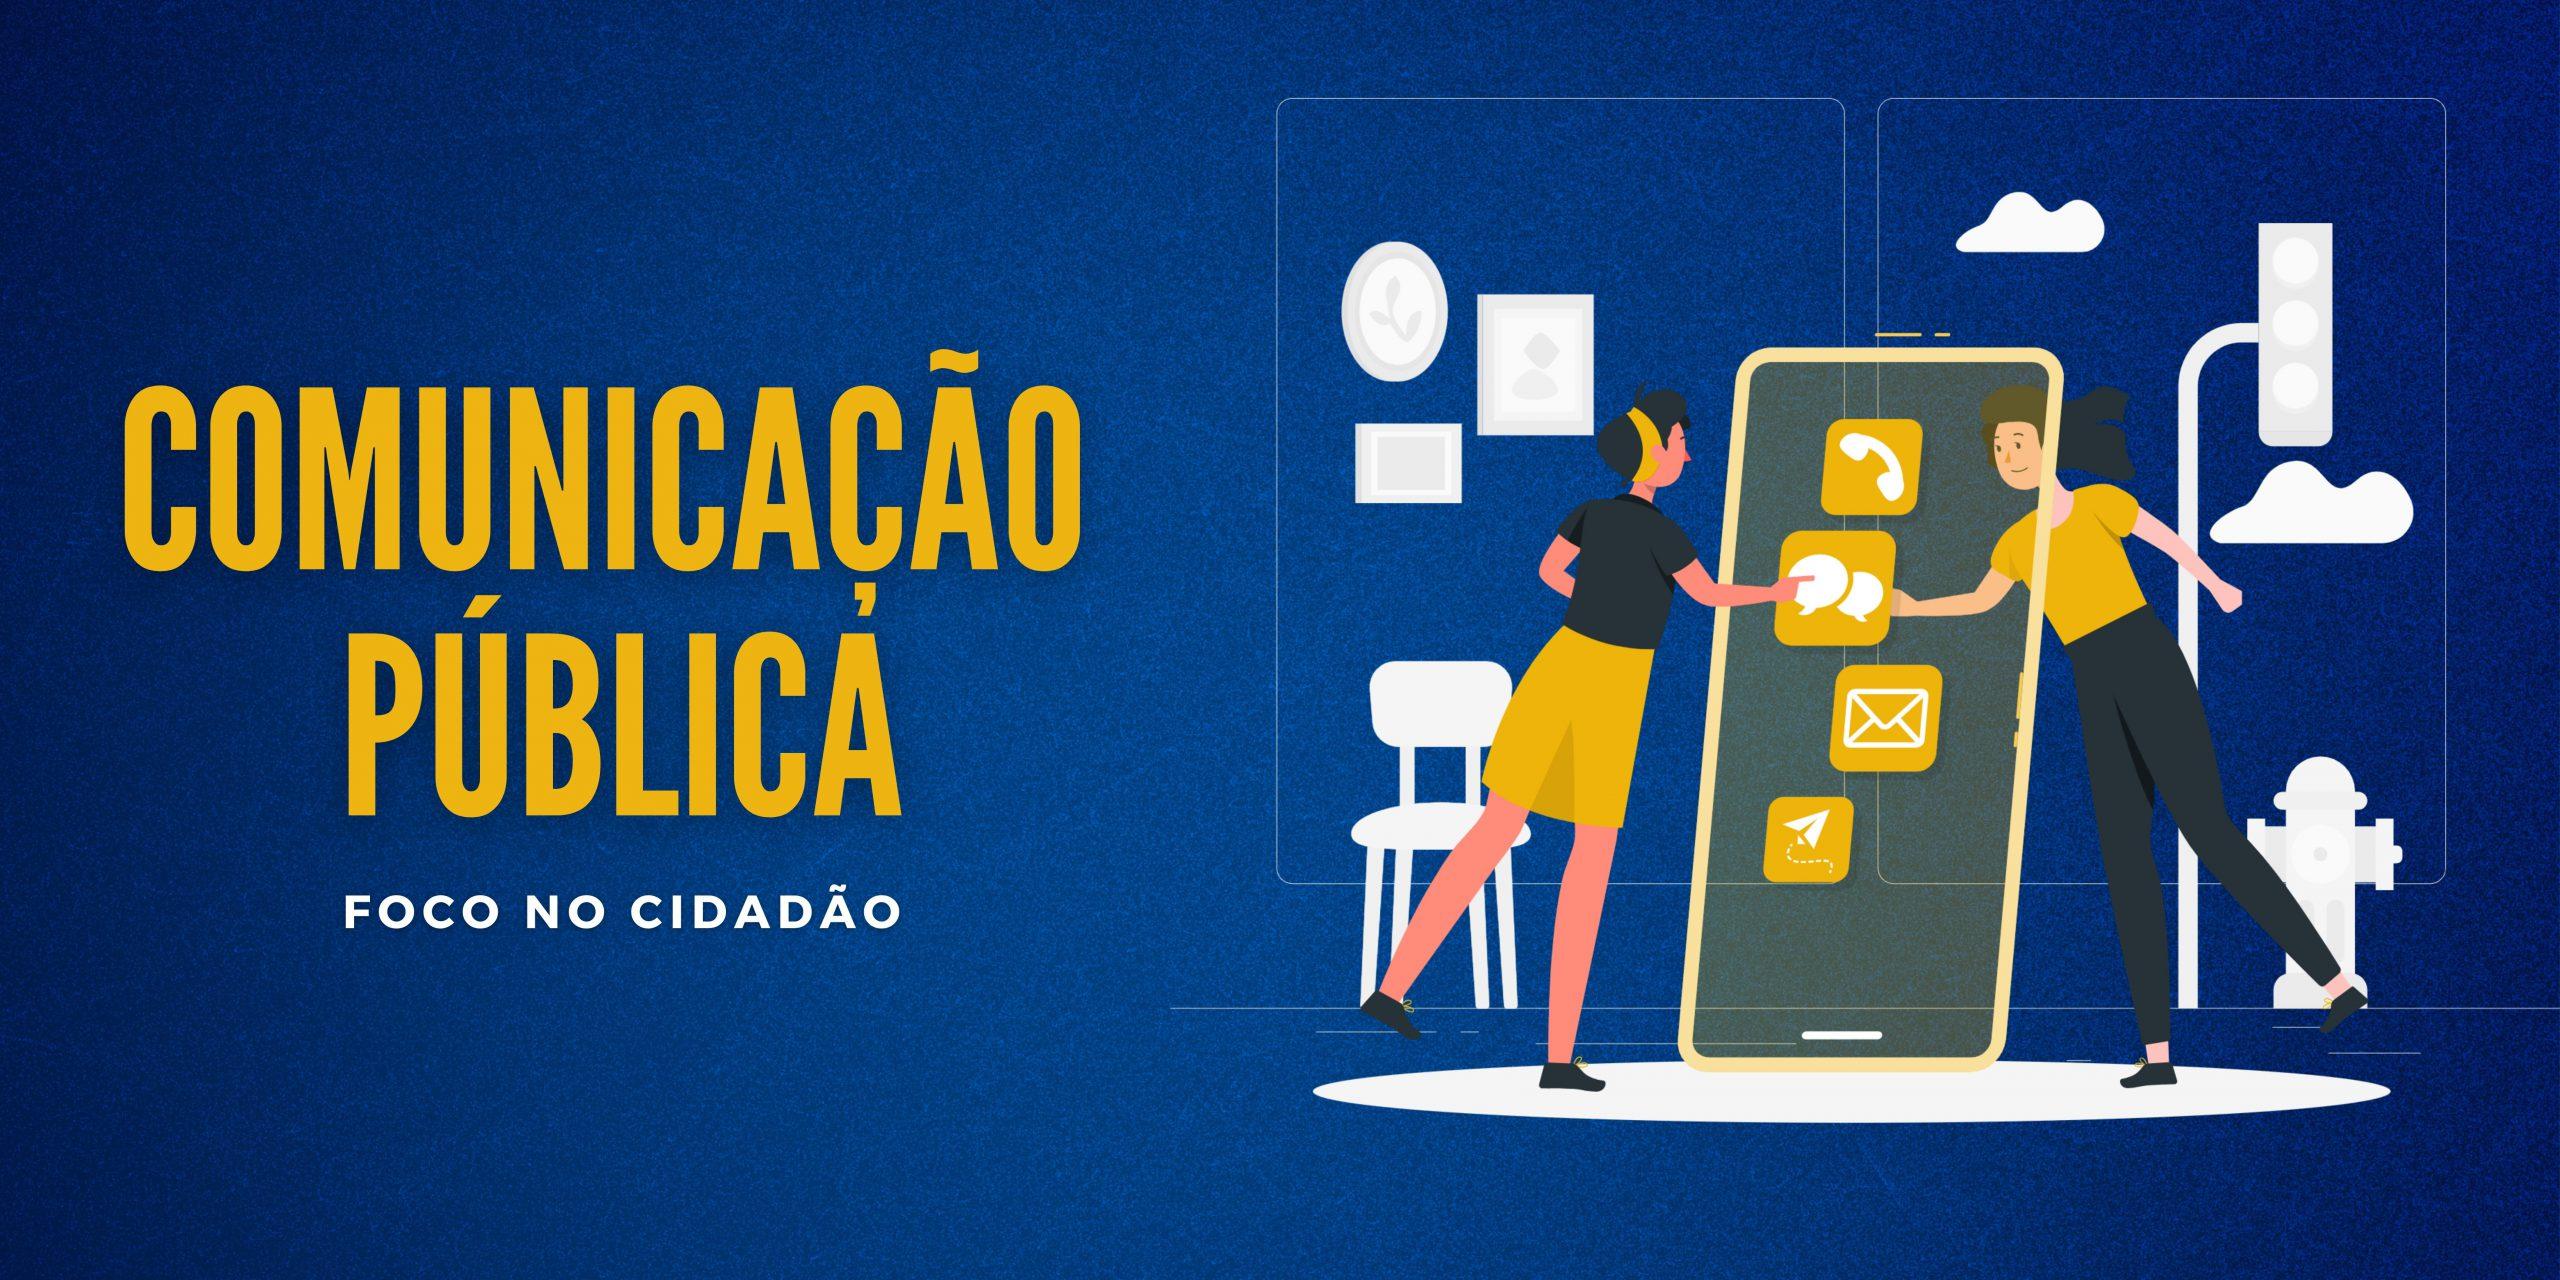 Comunicação Pública: foco no cidadão